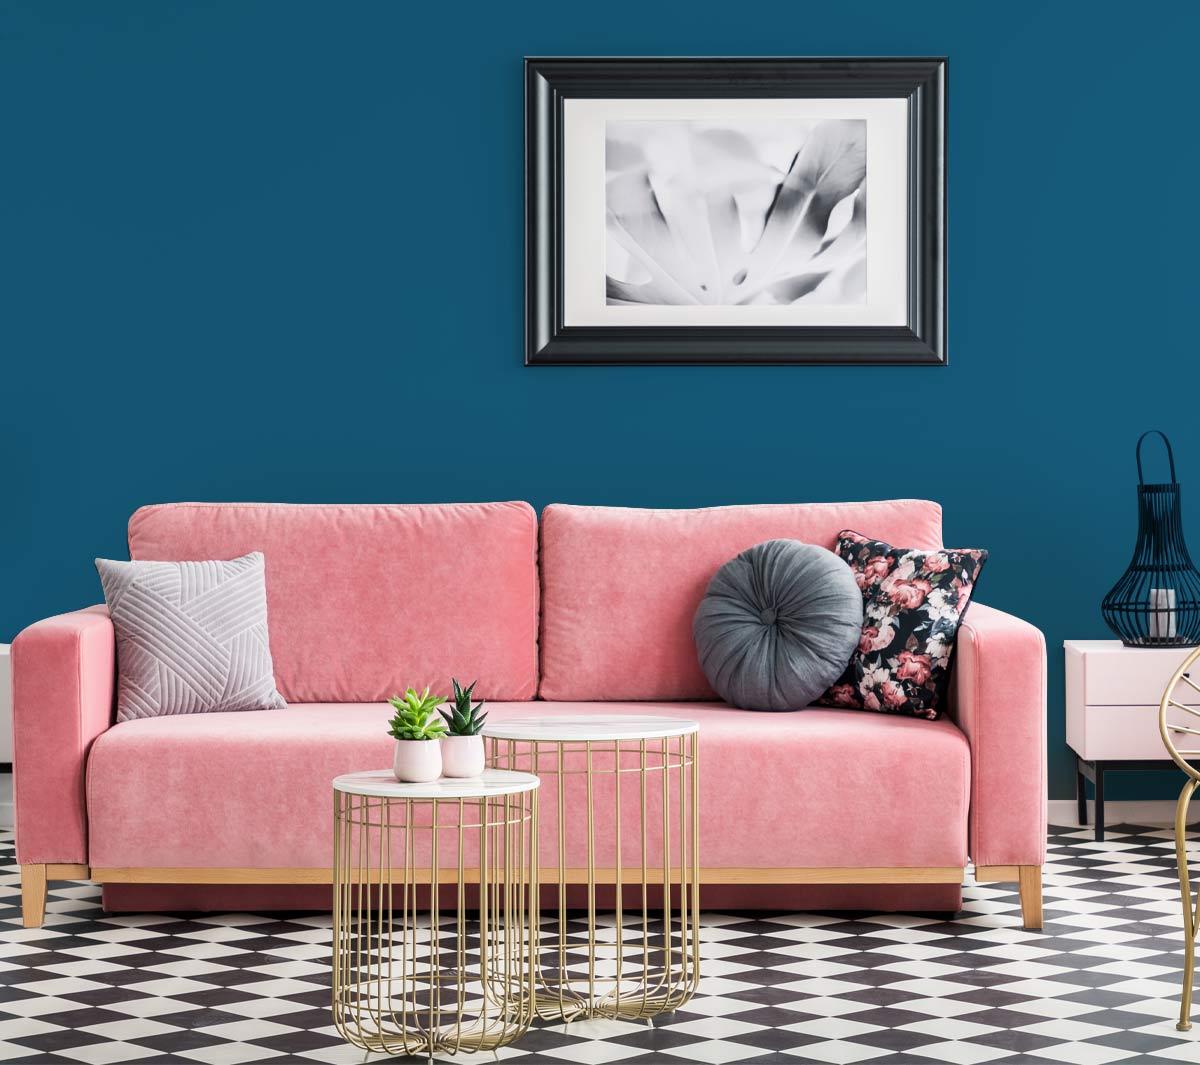 3 pomysły na aranżację salonu z wykorzystaniem Koloru Roku 2020 od PPG